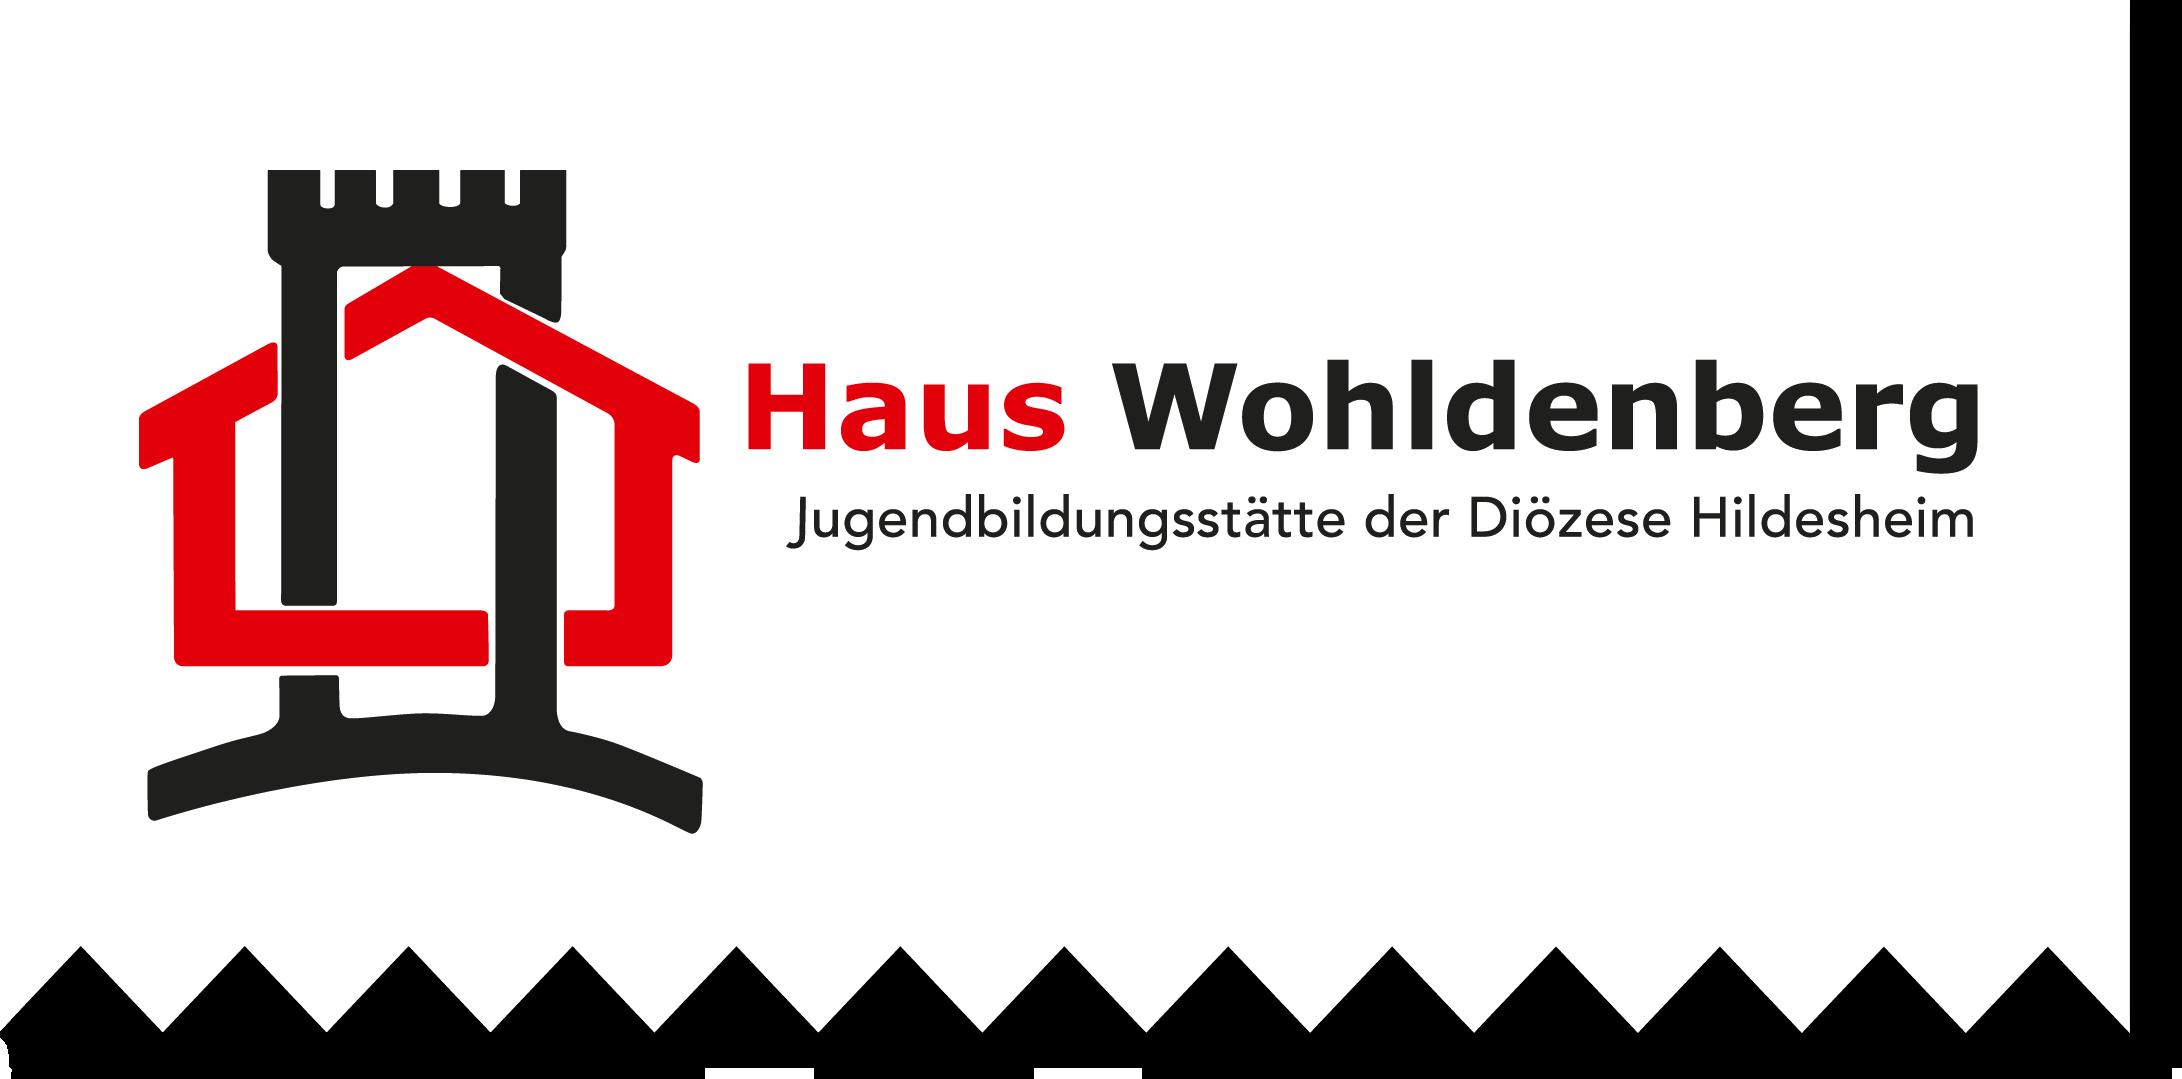 Haus Wohldenberg